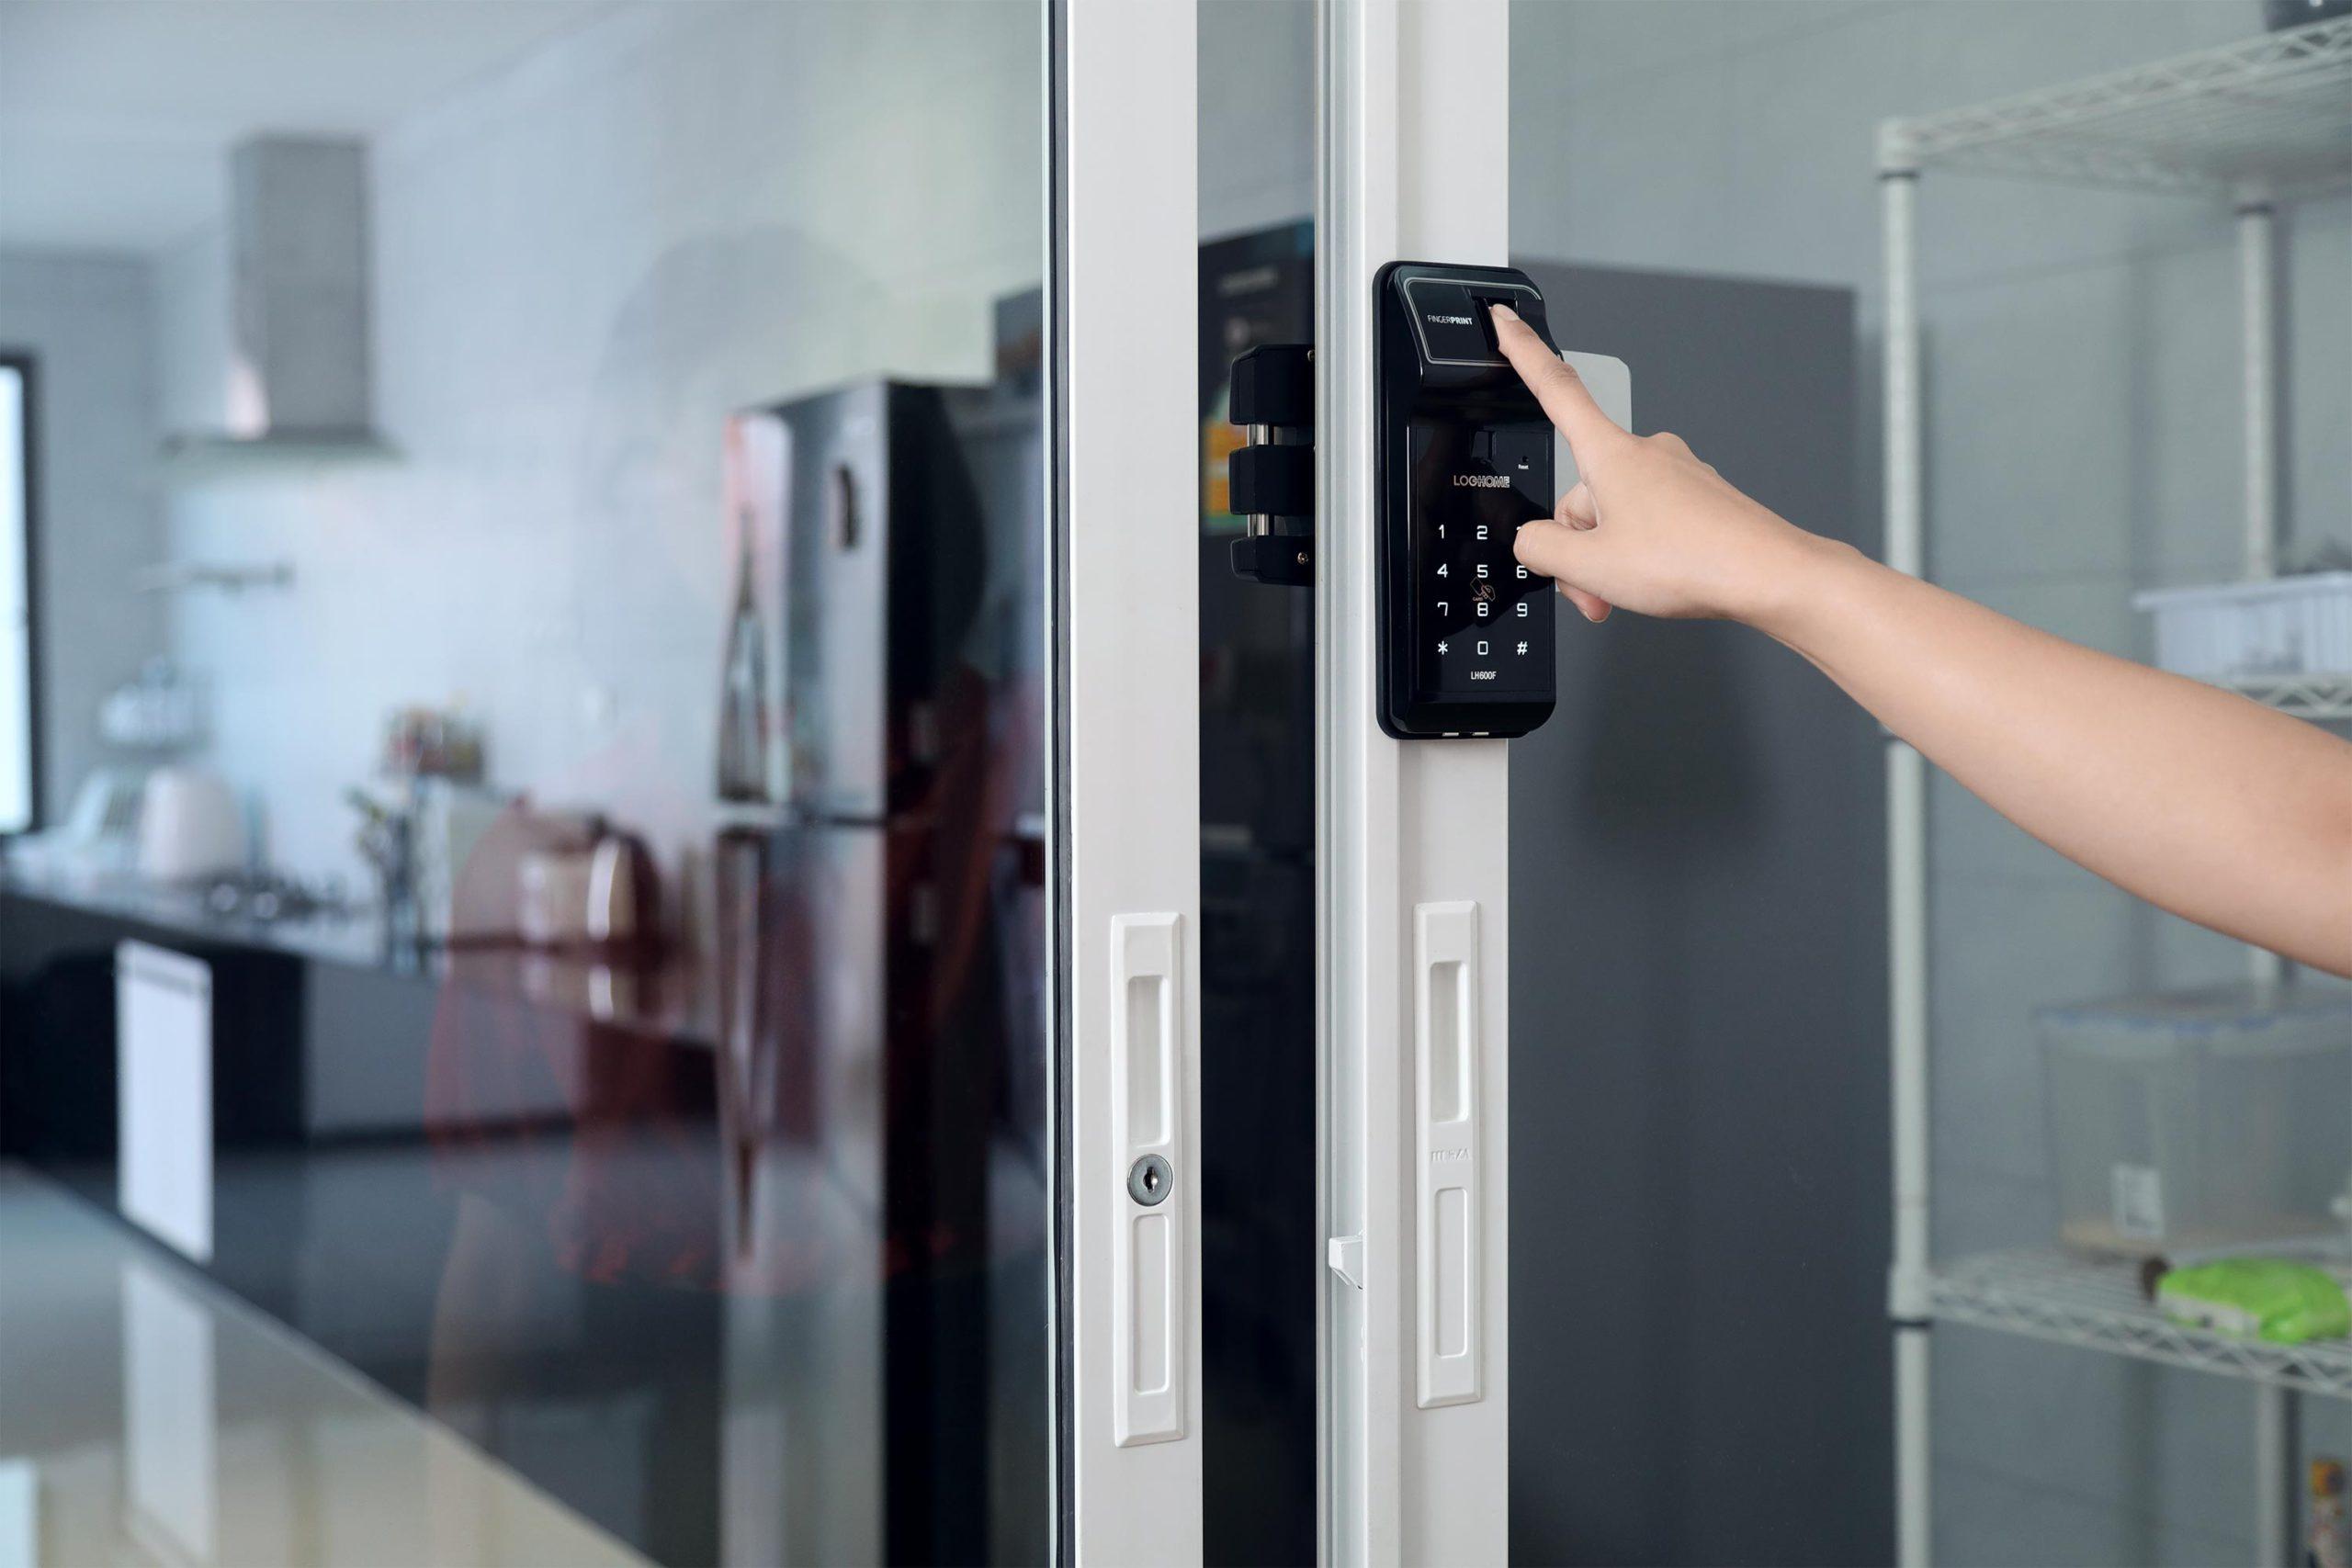 ข้อดีของประตูดิจิตอล เทคโนโลยีล้ำสมัย ของบ้านยุคใหม่